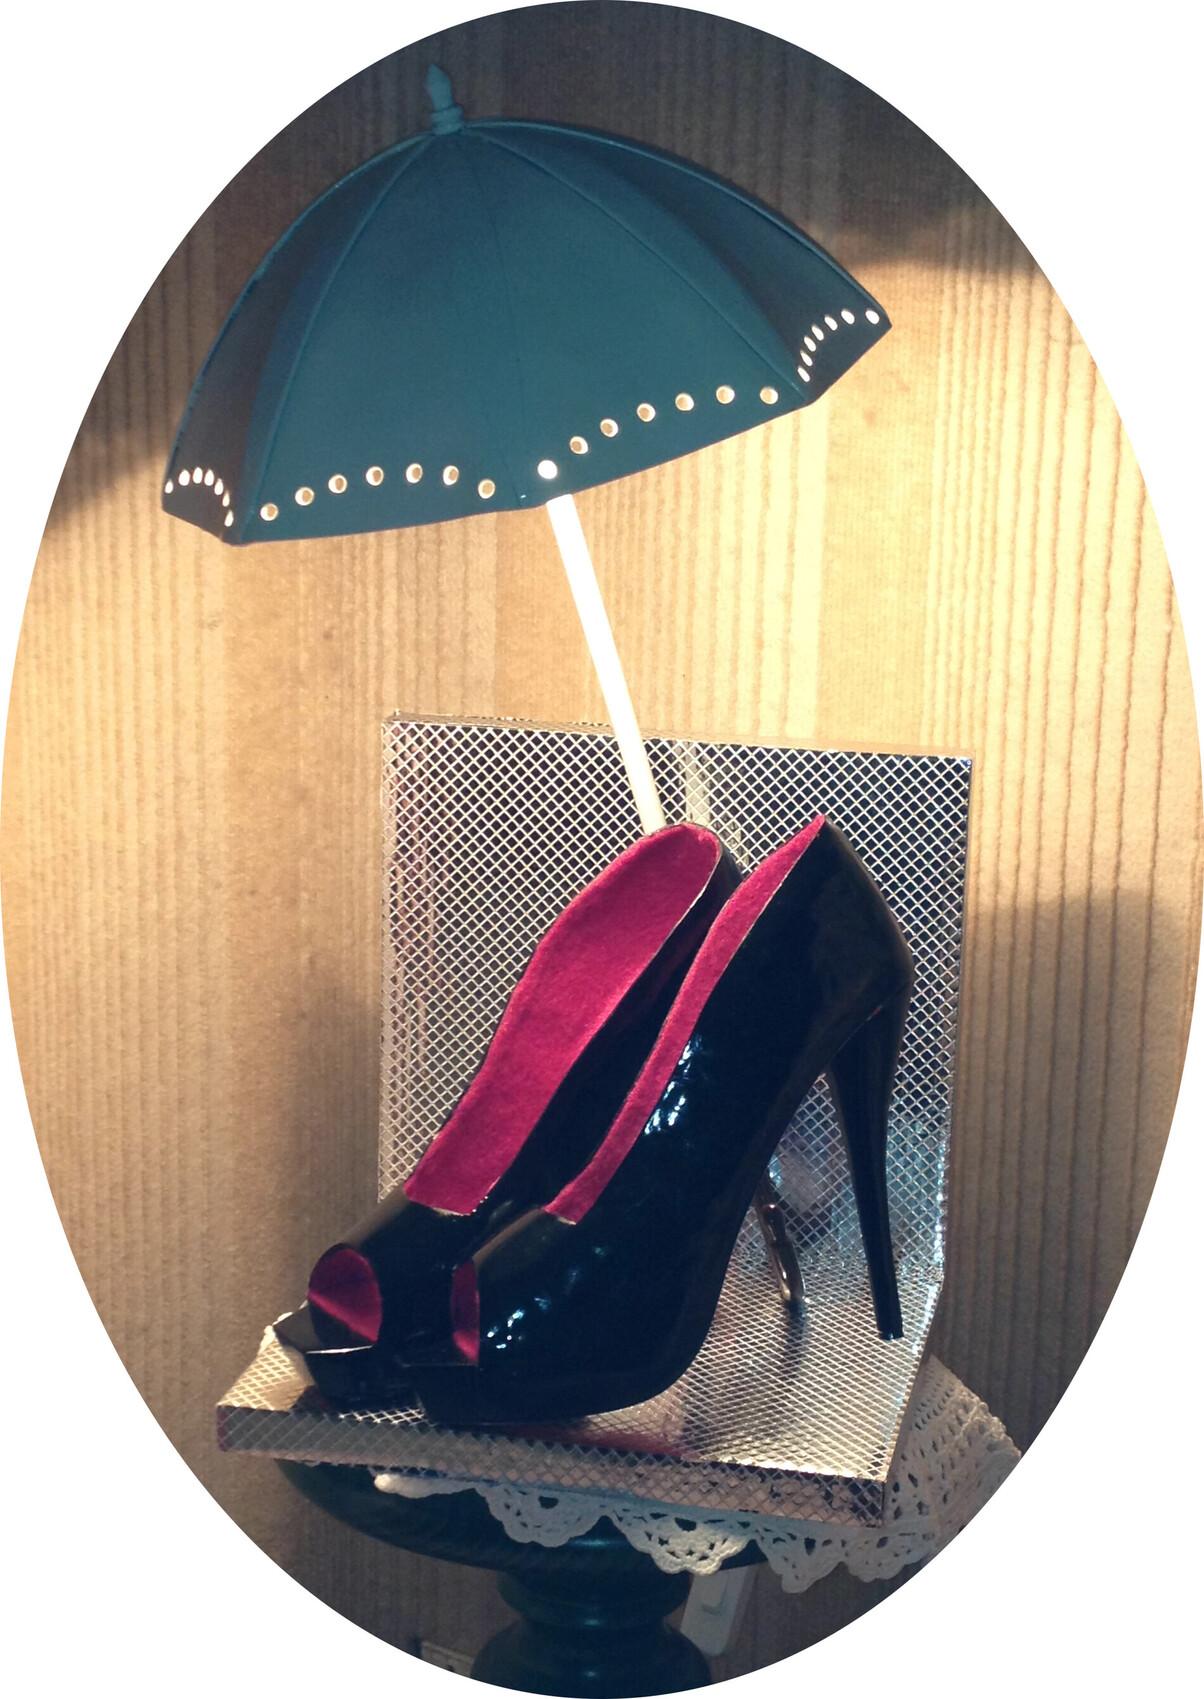 Lampe escarpins et ombrelle